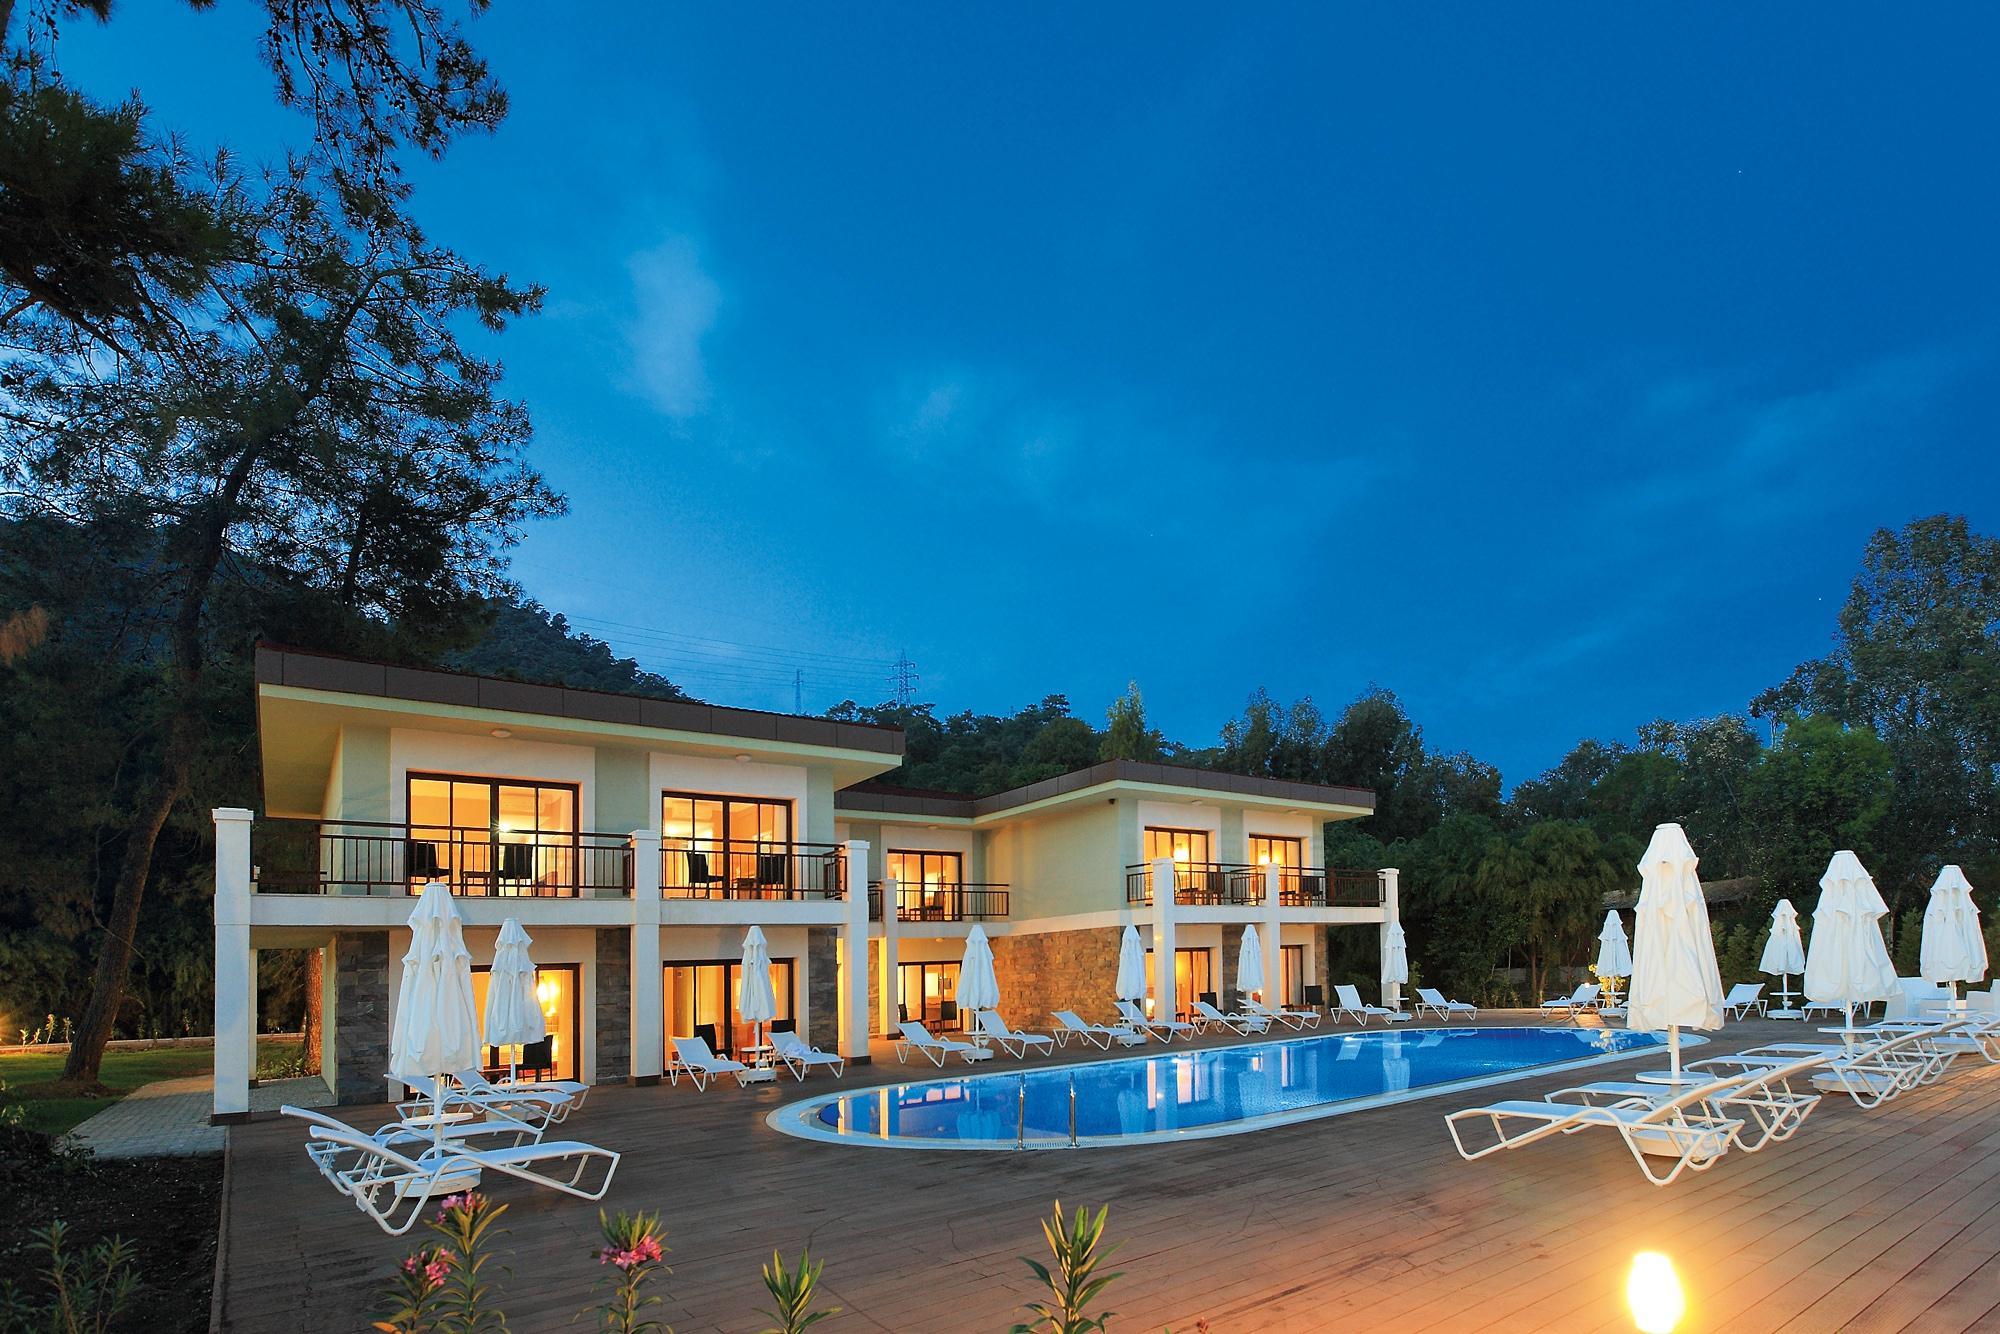 Marmaris Resort Deluxe Hotel 5 (Turkey): room description, service, reviews 66